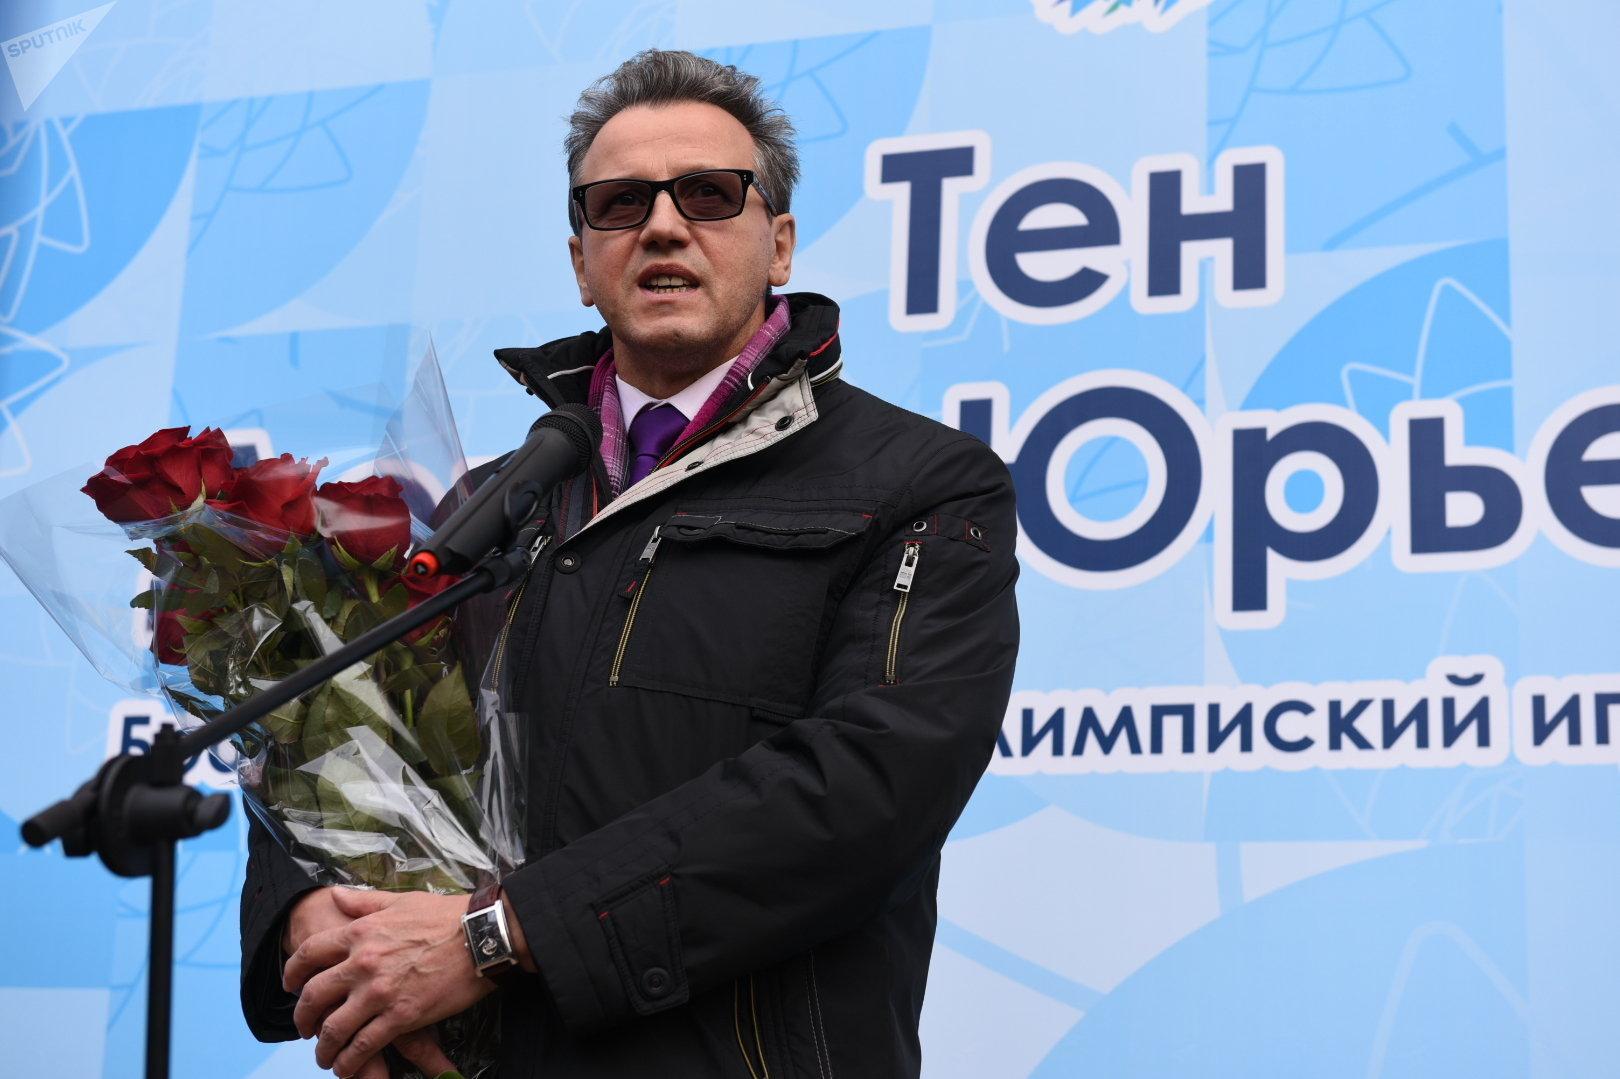 Генеральный консул Российской Федерации Евгений Бобров